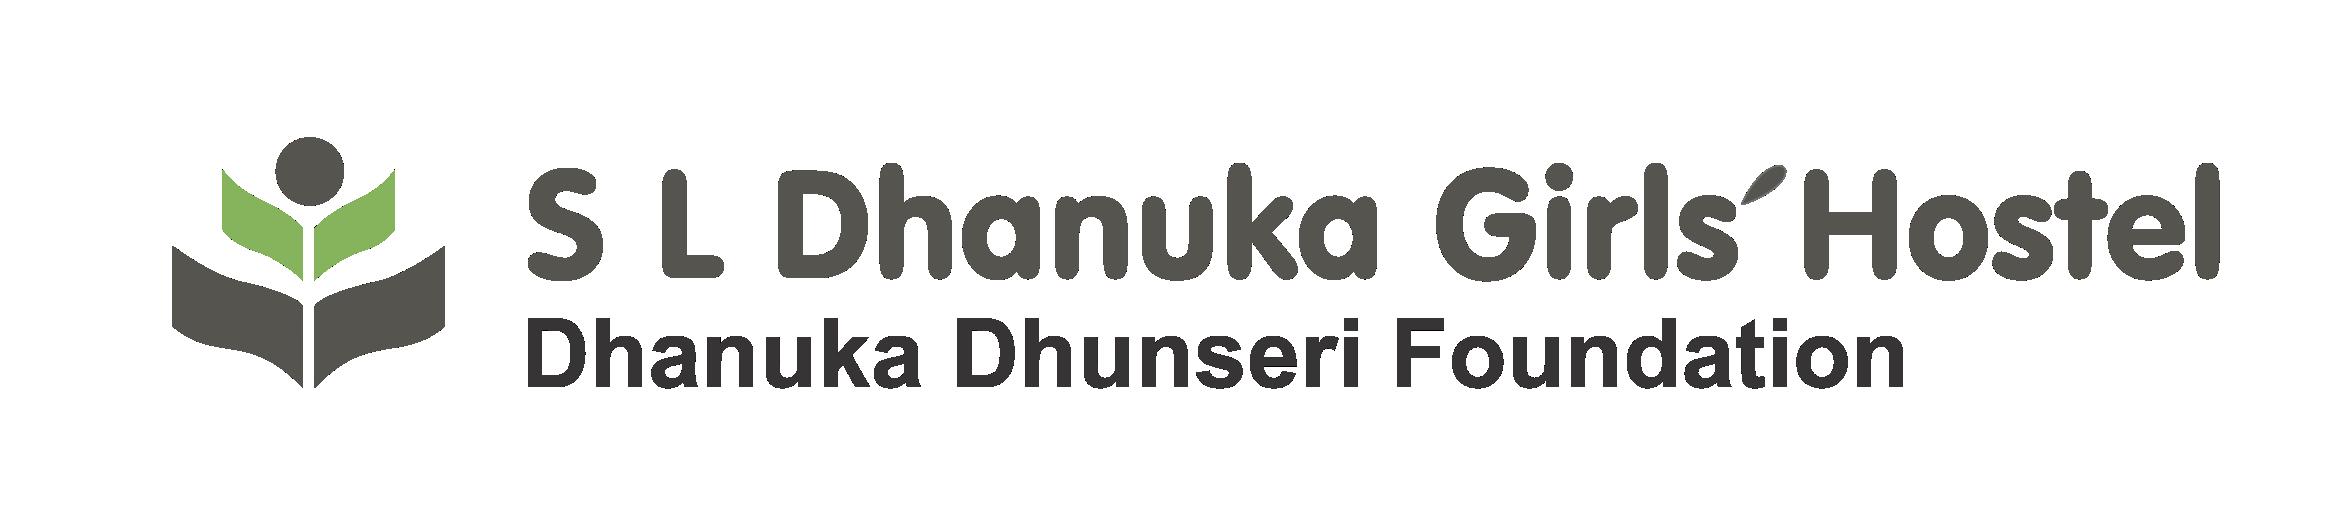 S.L. Dhanuka Girls' Hostel